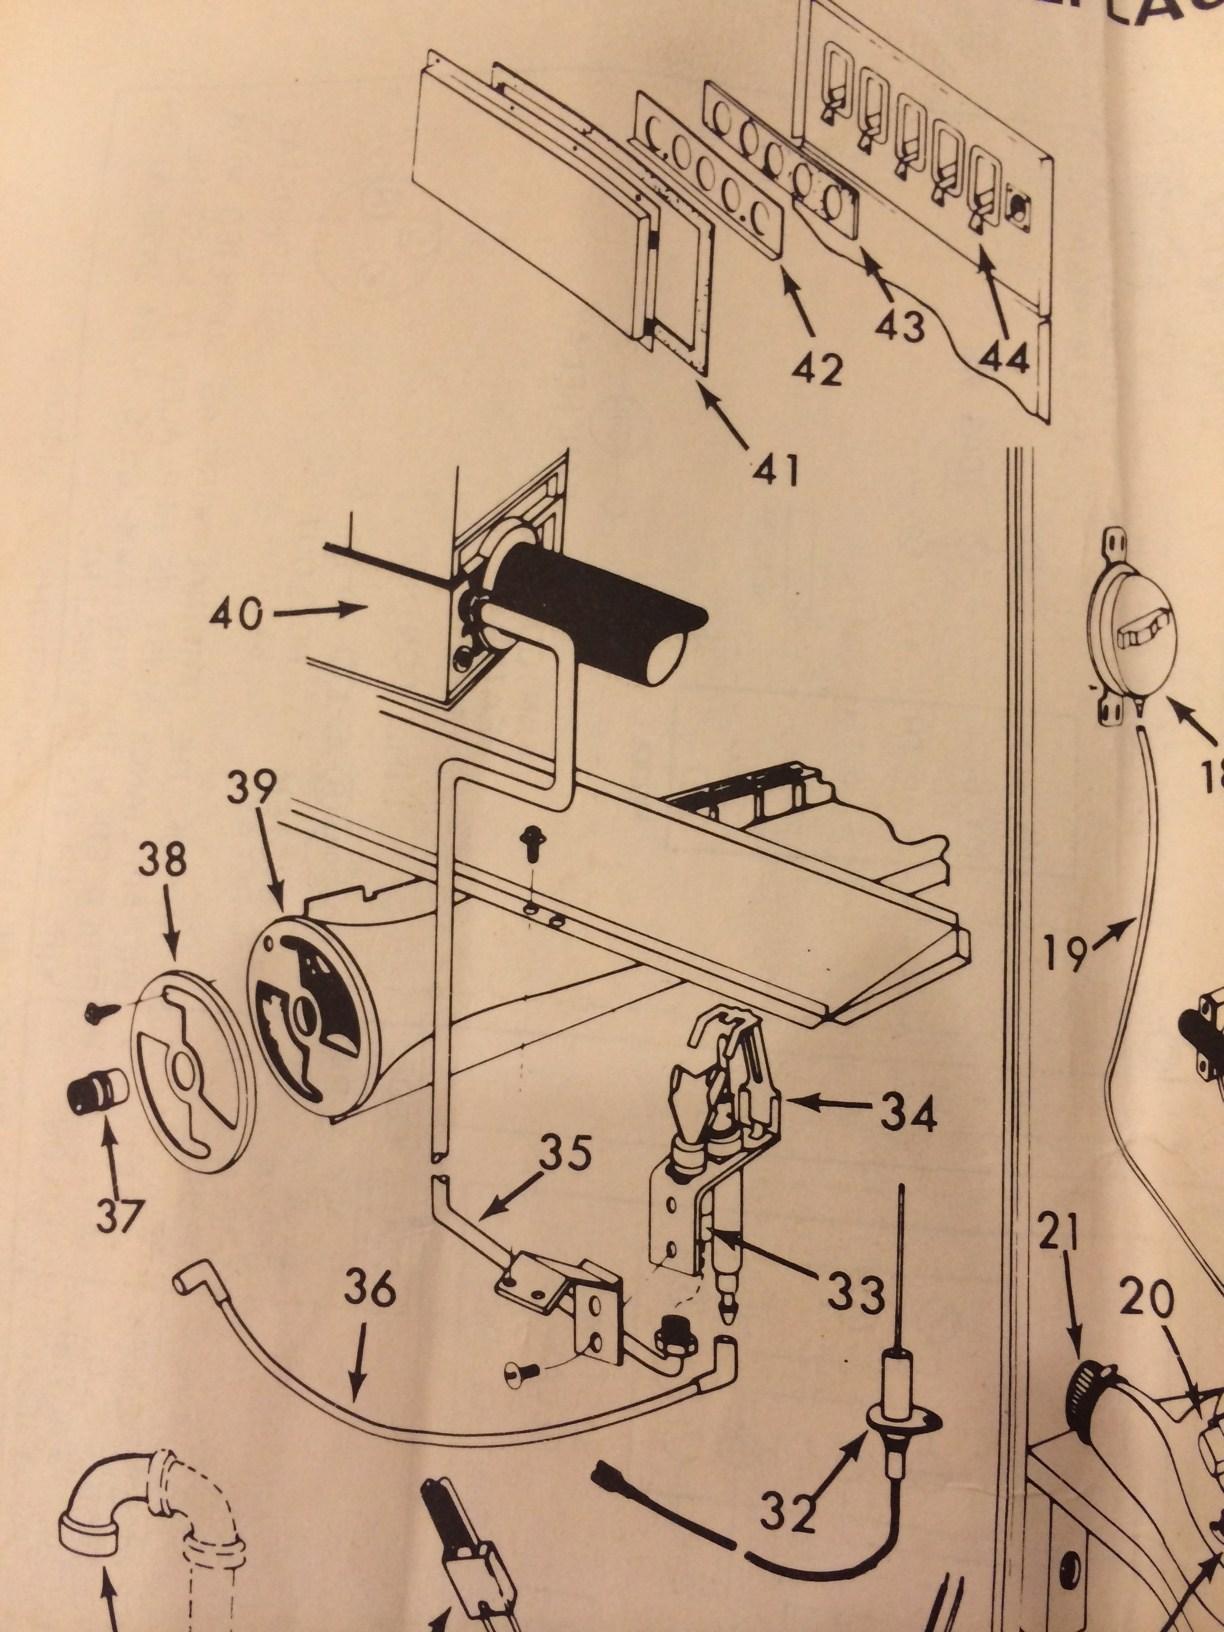 dayton gas heater wiring diagram nissan 350z bose radio furnace get free image about